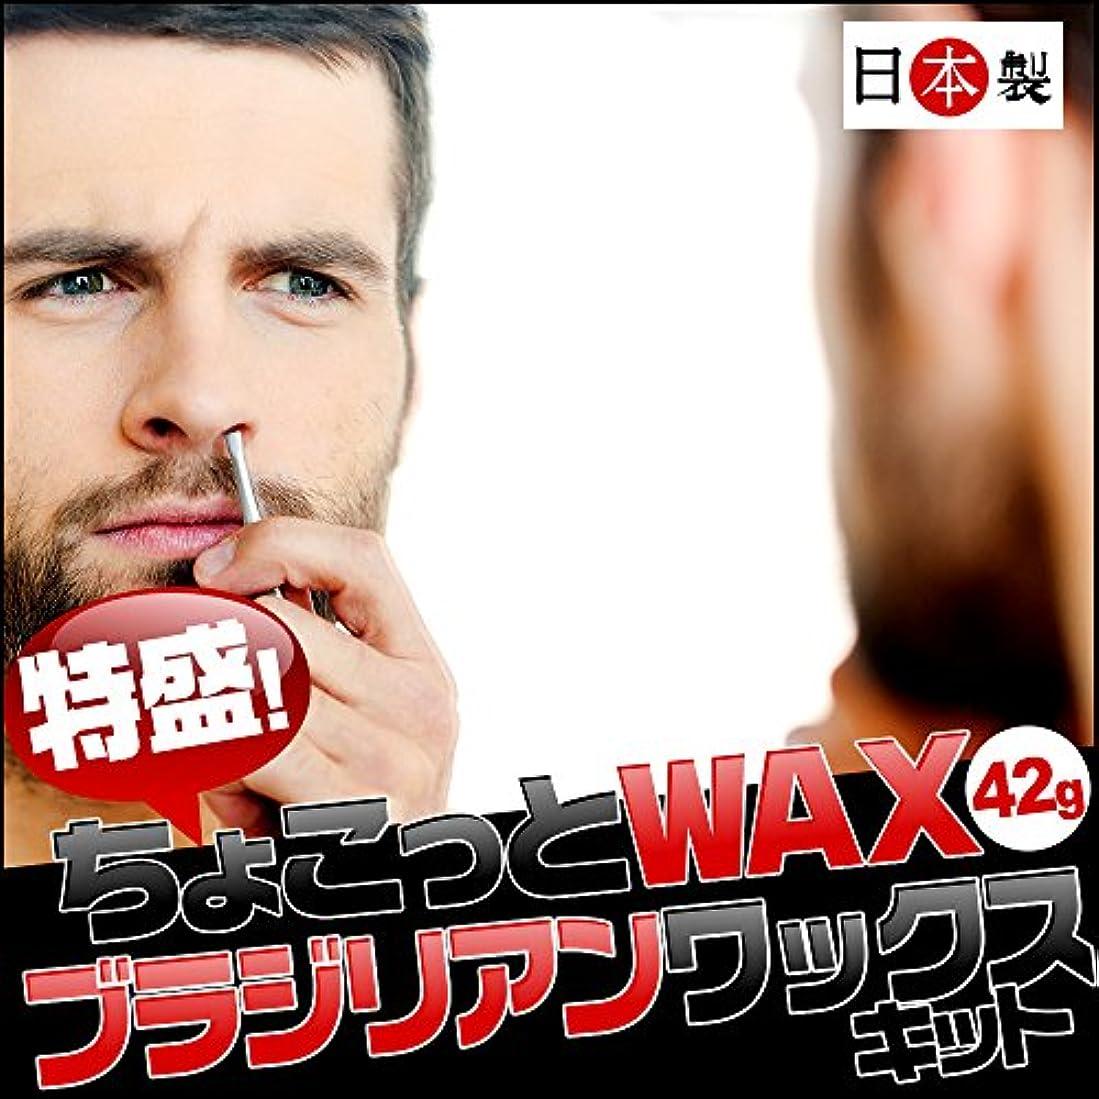 時間厳守手術感動する日本製ワックスで安心!鼻毛脱毛  特盛  ちょこっとWax 6回分 (鼻毛スティック12本)